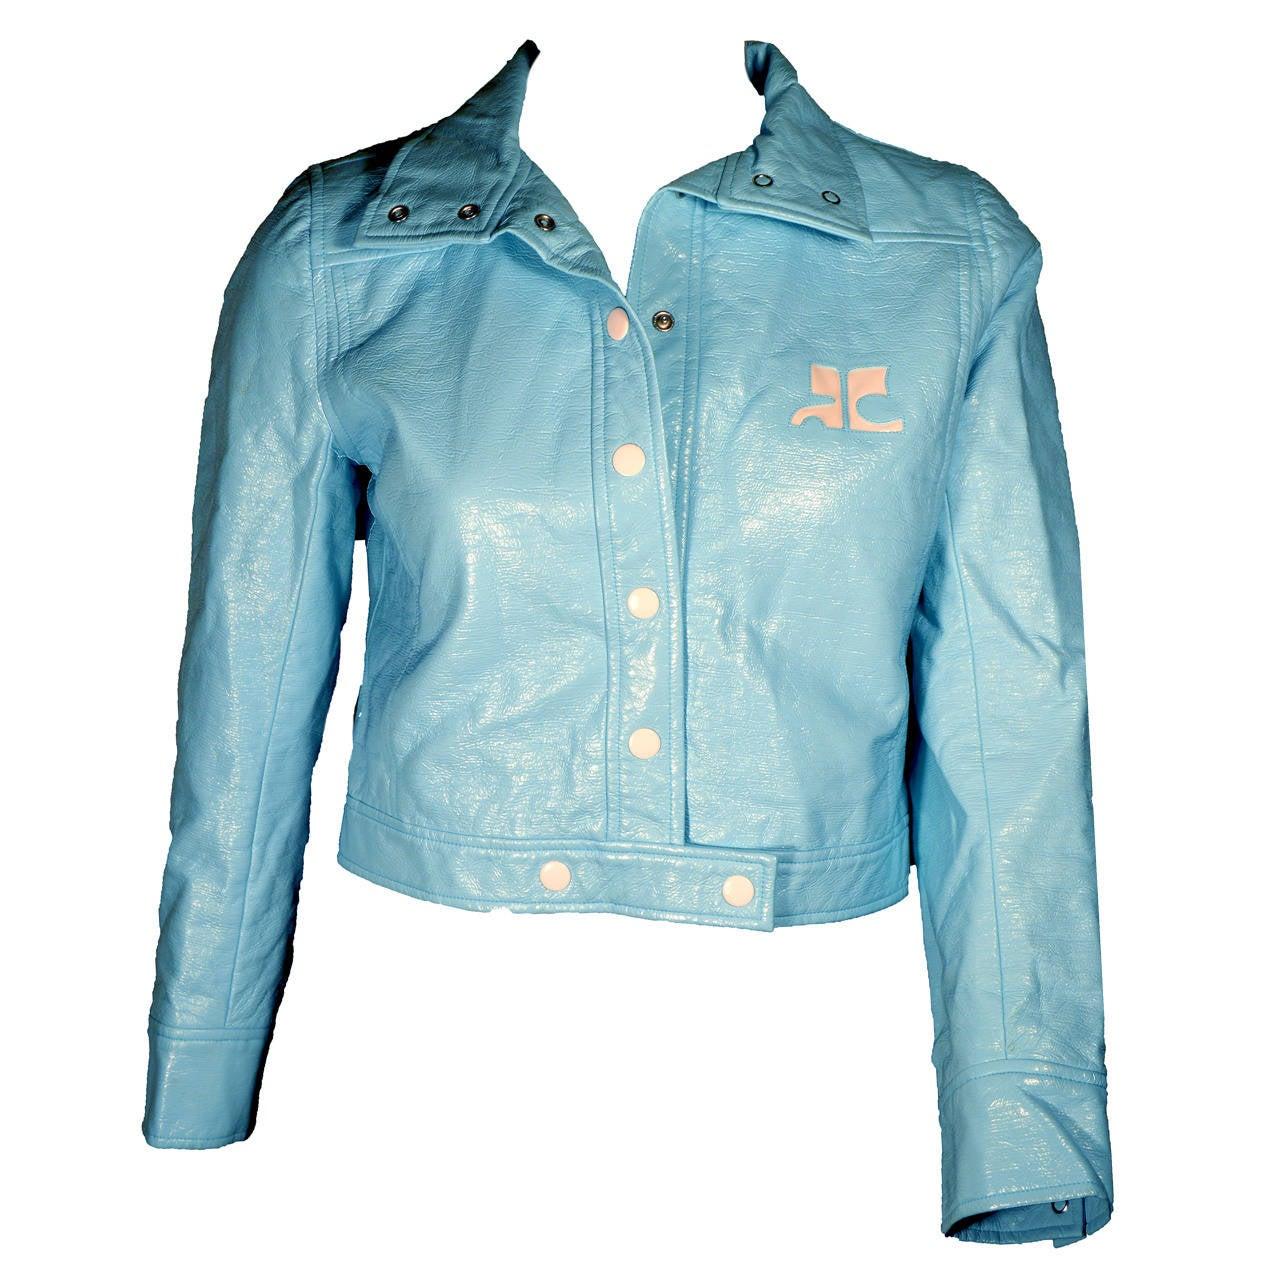 courreges iconic baby blue vinyl cropped logo jacket at 1stdibs. Black Bedroom Furniture Sets. Home Design Ideas